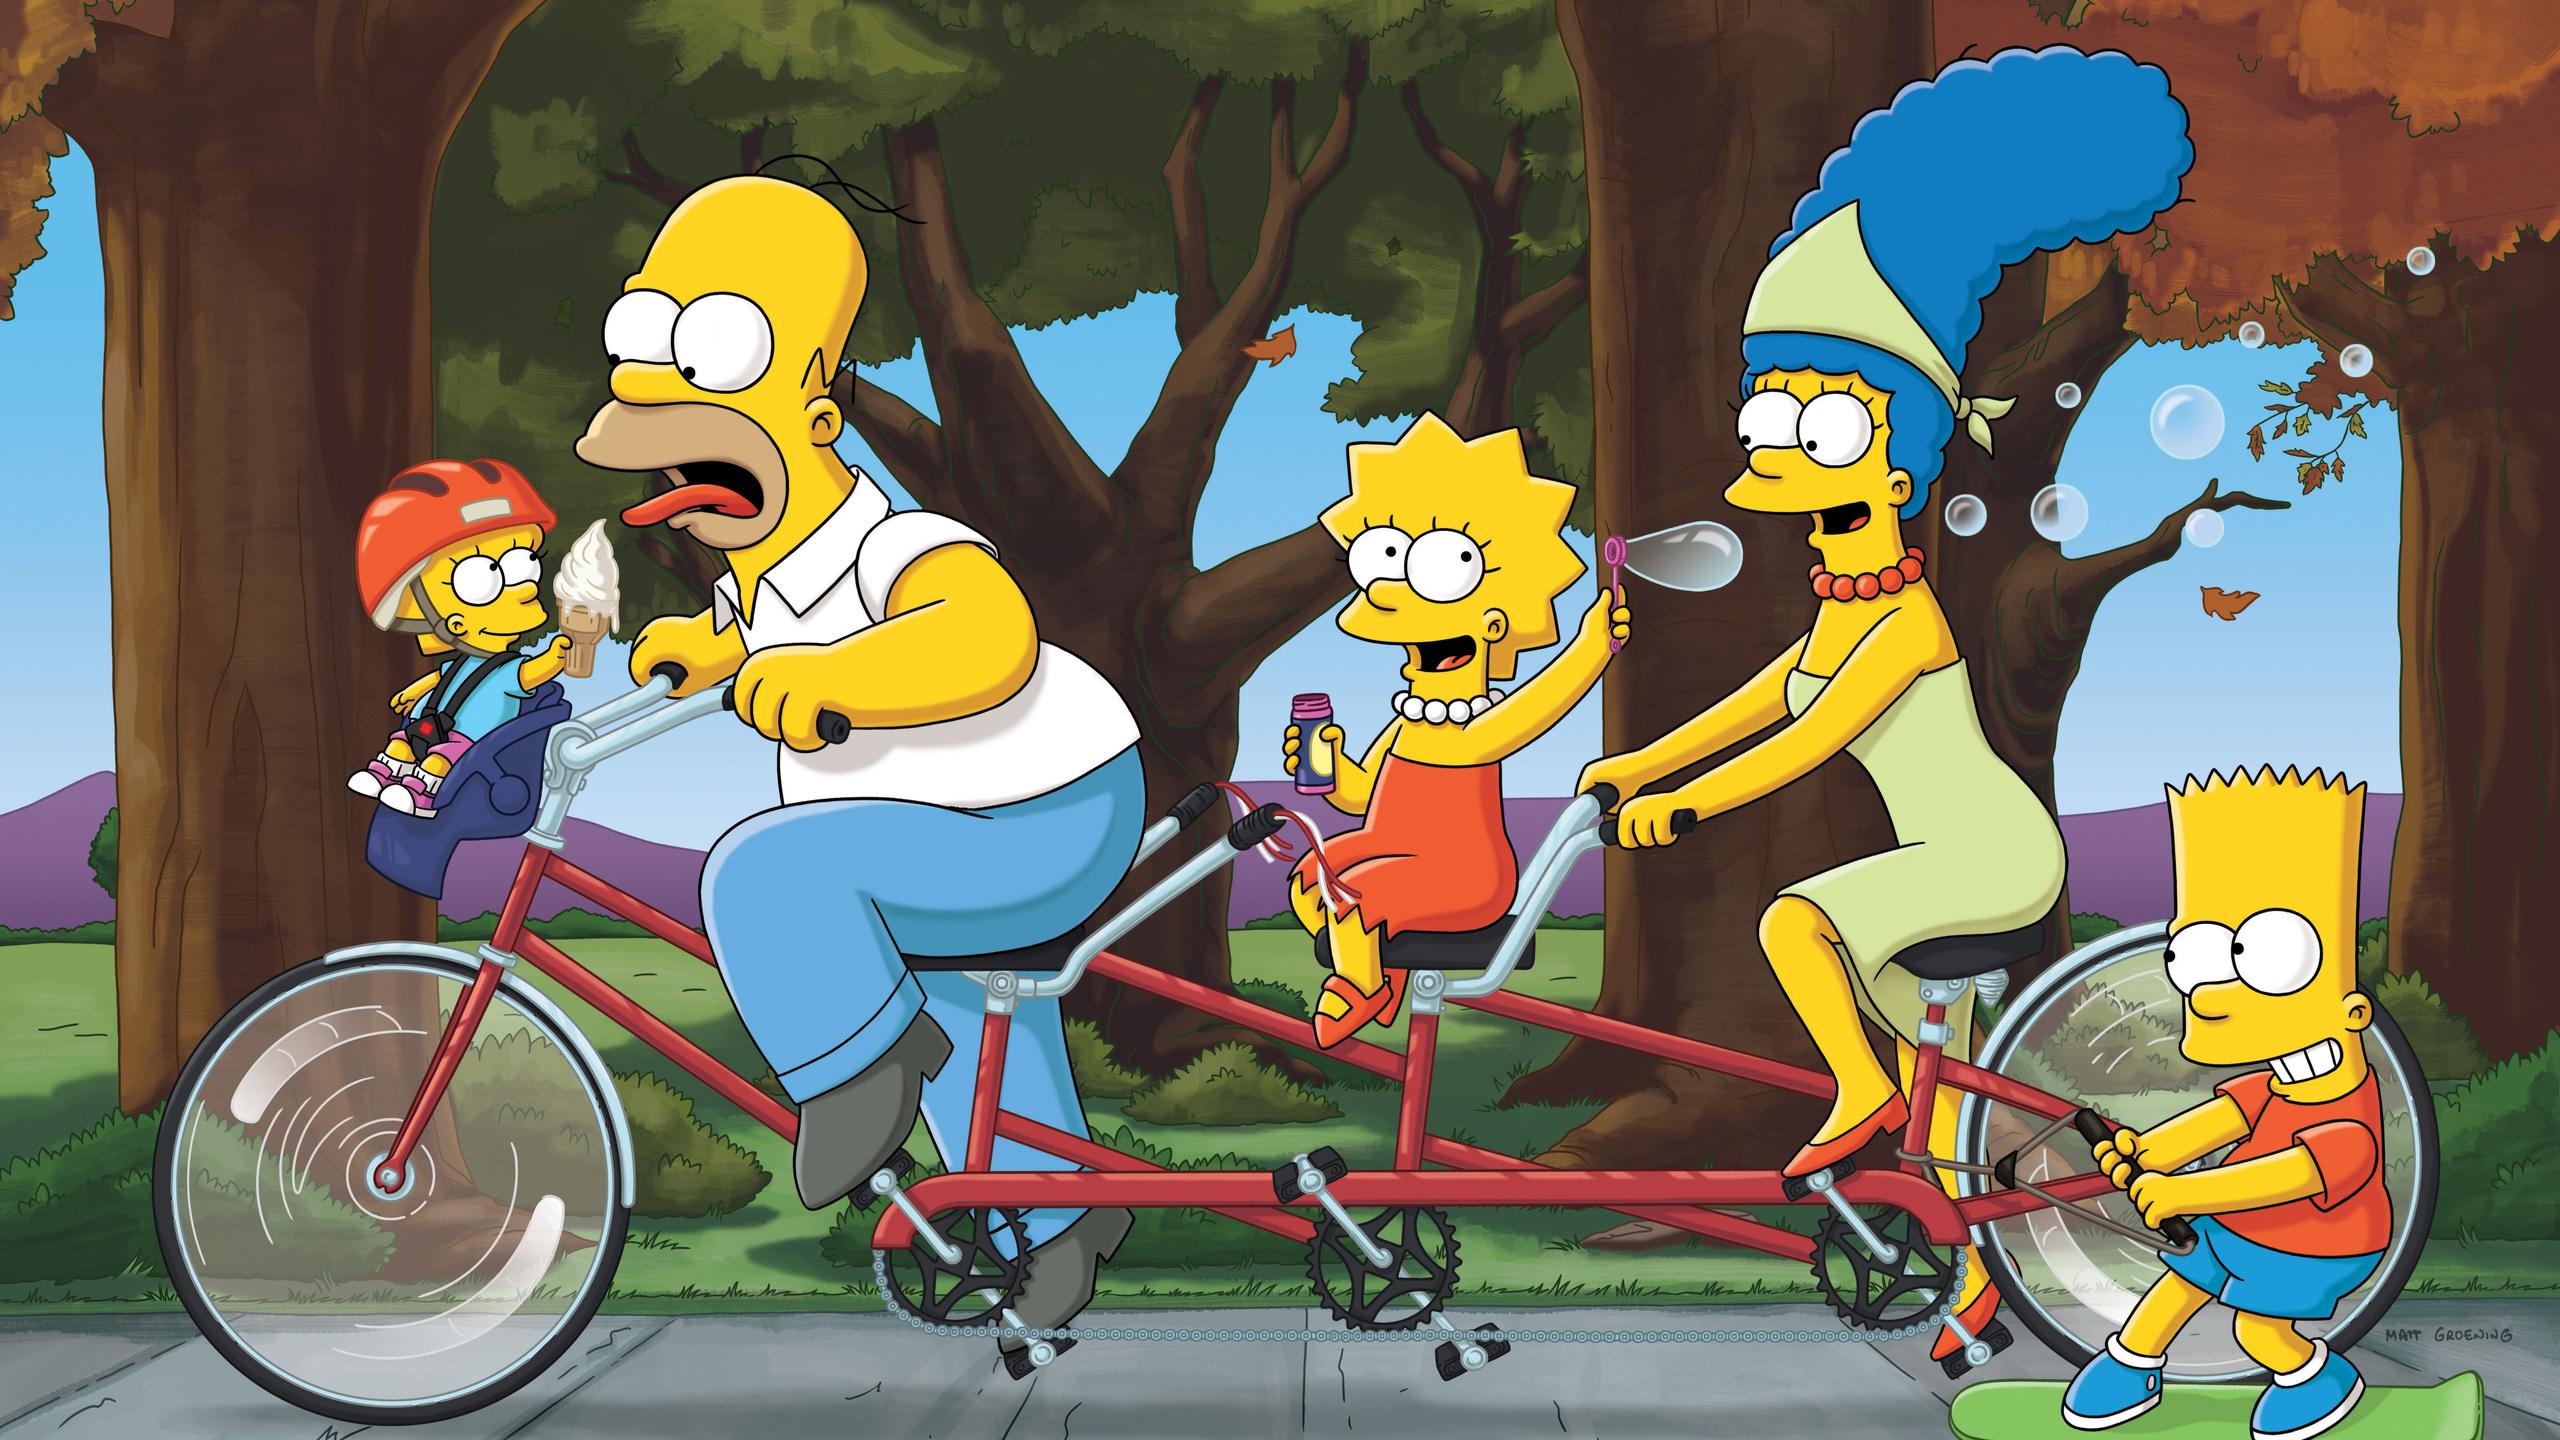 homer-marge-bart-lisa-the-simpsons-family-4k-5k-dw.jpg